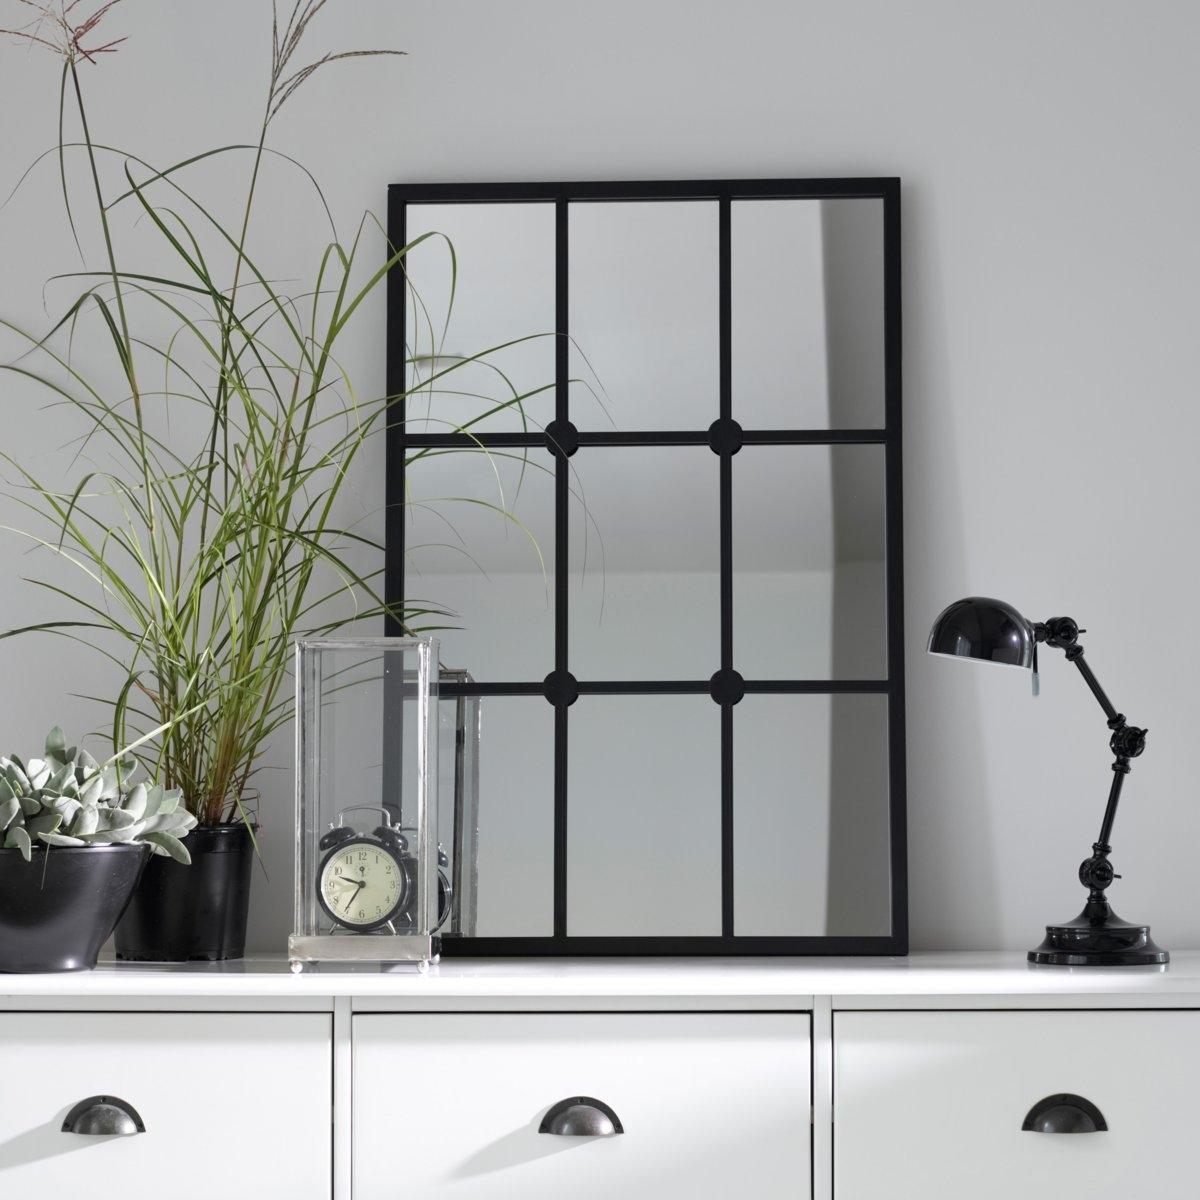 Зеркало-имитация окна LenaigЗеркало-имитация окна Lenaig. Расширьте пространство вашей гостиной, прихожей, коридора с помощью зеркала, имитирующего окно.                                                                                                       Характеристики зеркала Lenaig:  Окрашенный металл, отделка черного матового цвета.                    Задник из МДФ черного цвета.                    2 настенных крепления, винты и крепления продаются отдельно.                                                                                      Найдите всю коллекцию Alaria на сайте laredoute. ru.                                           Размеры зеркала Lenaig:                                          Ширина: 60 см.       Высота: 90 см.                                         Размеры и вес в упаковке:   Ш.68 x В.7,5 x Г.98 см.  10,3 кг.<br><br>Цвет: черный